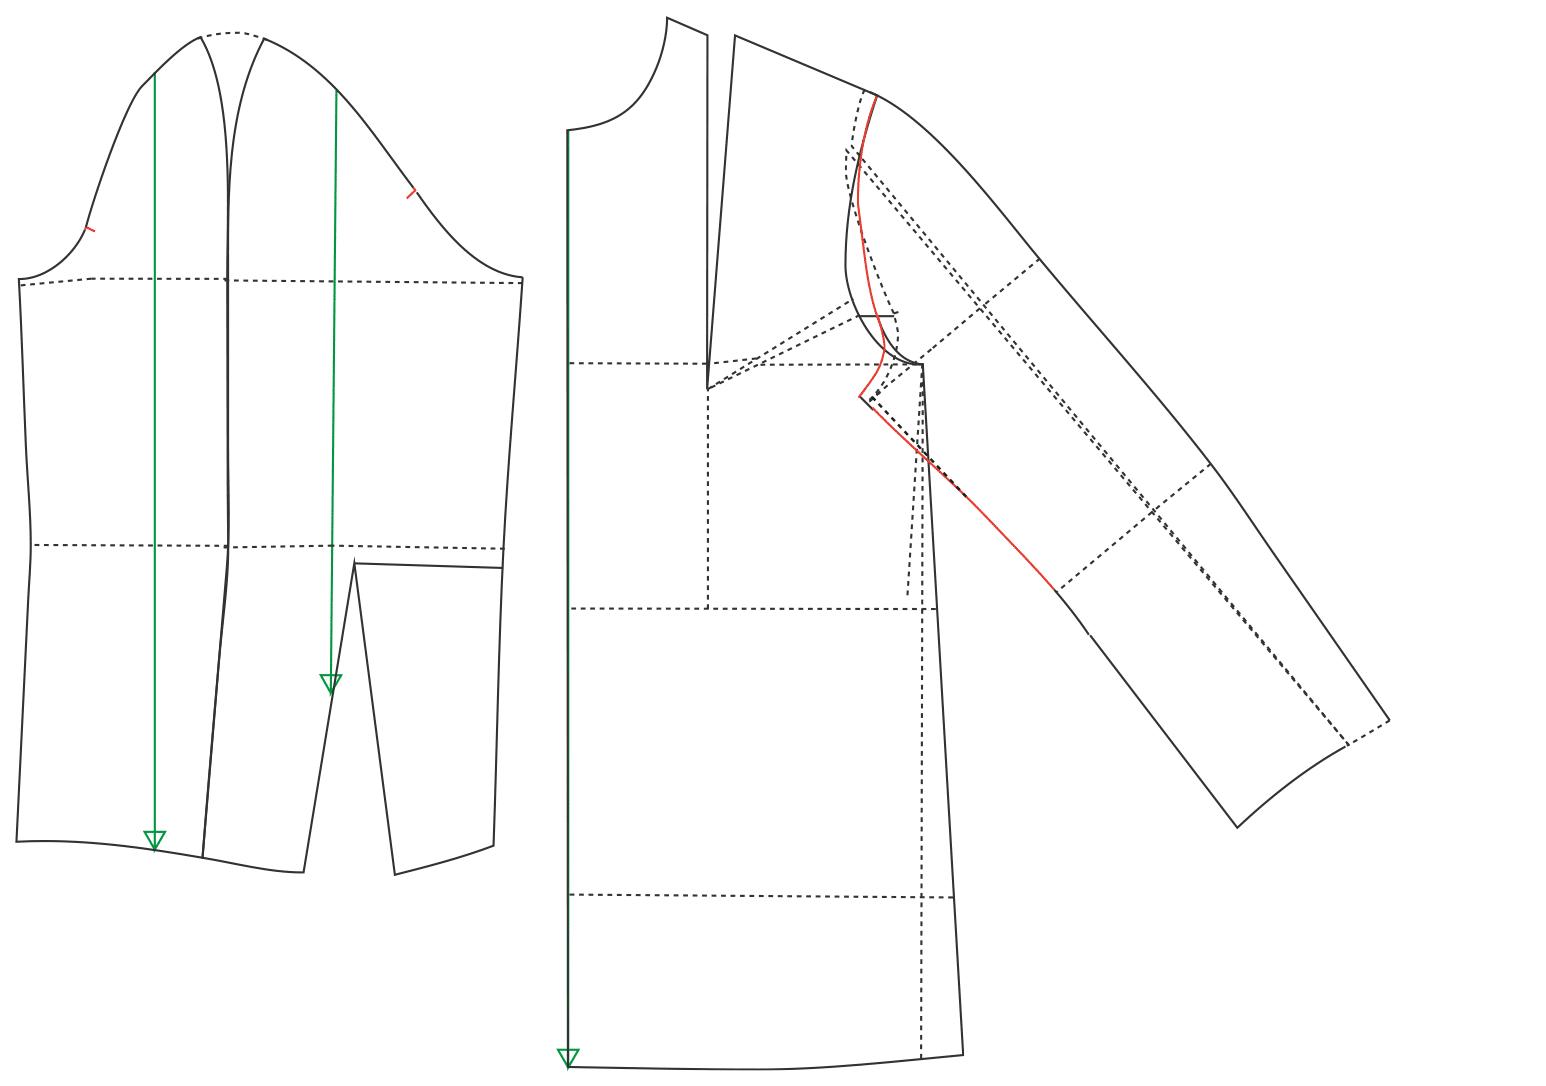 Erklärung zur Konstruktion einer Ärmelanlage bei einer Bluse